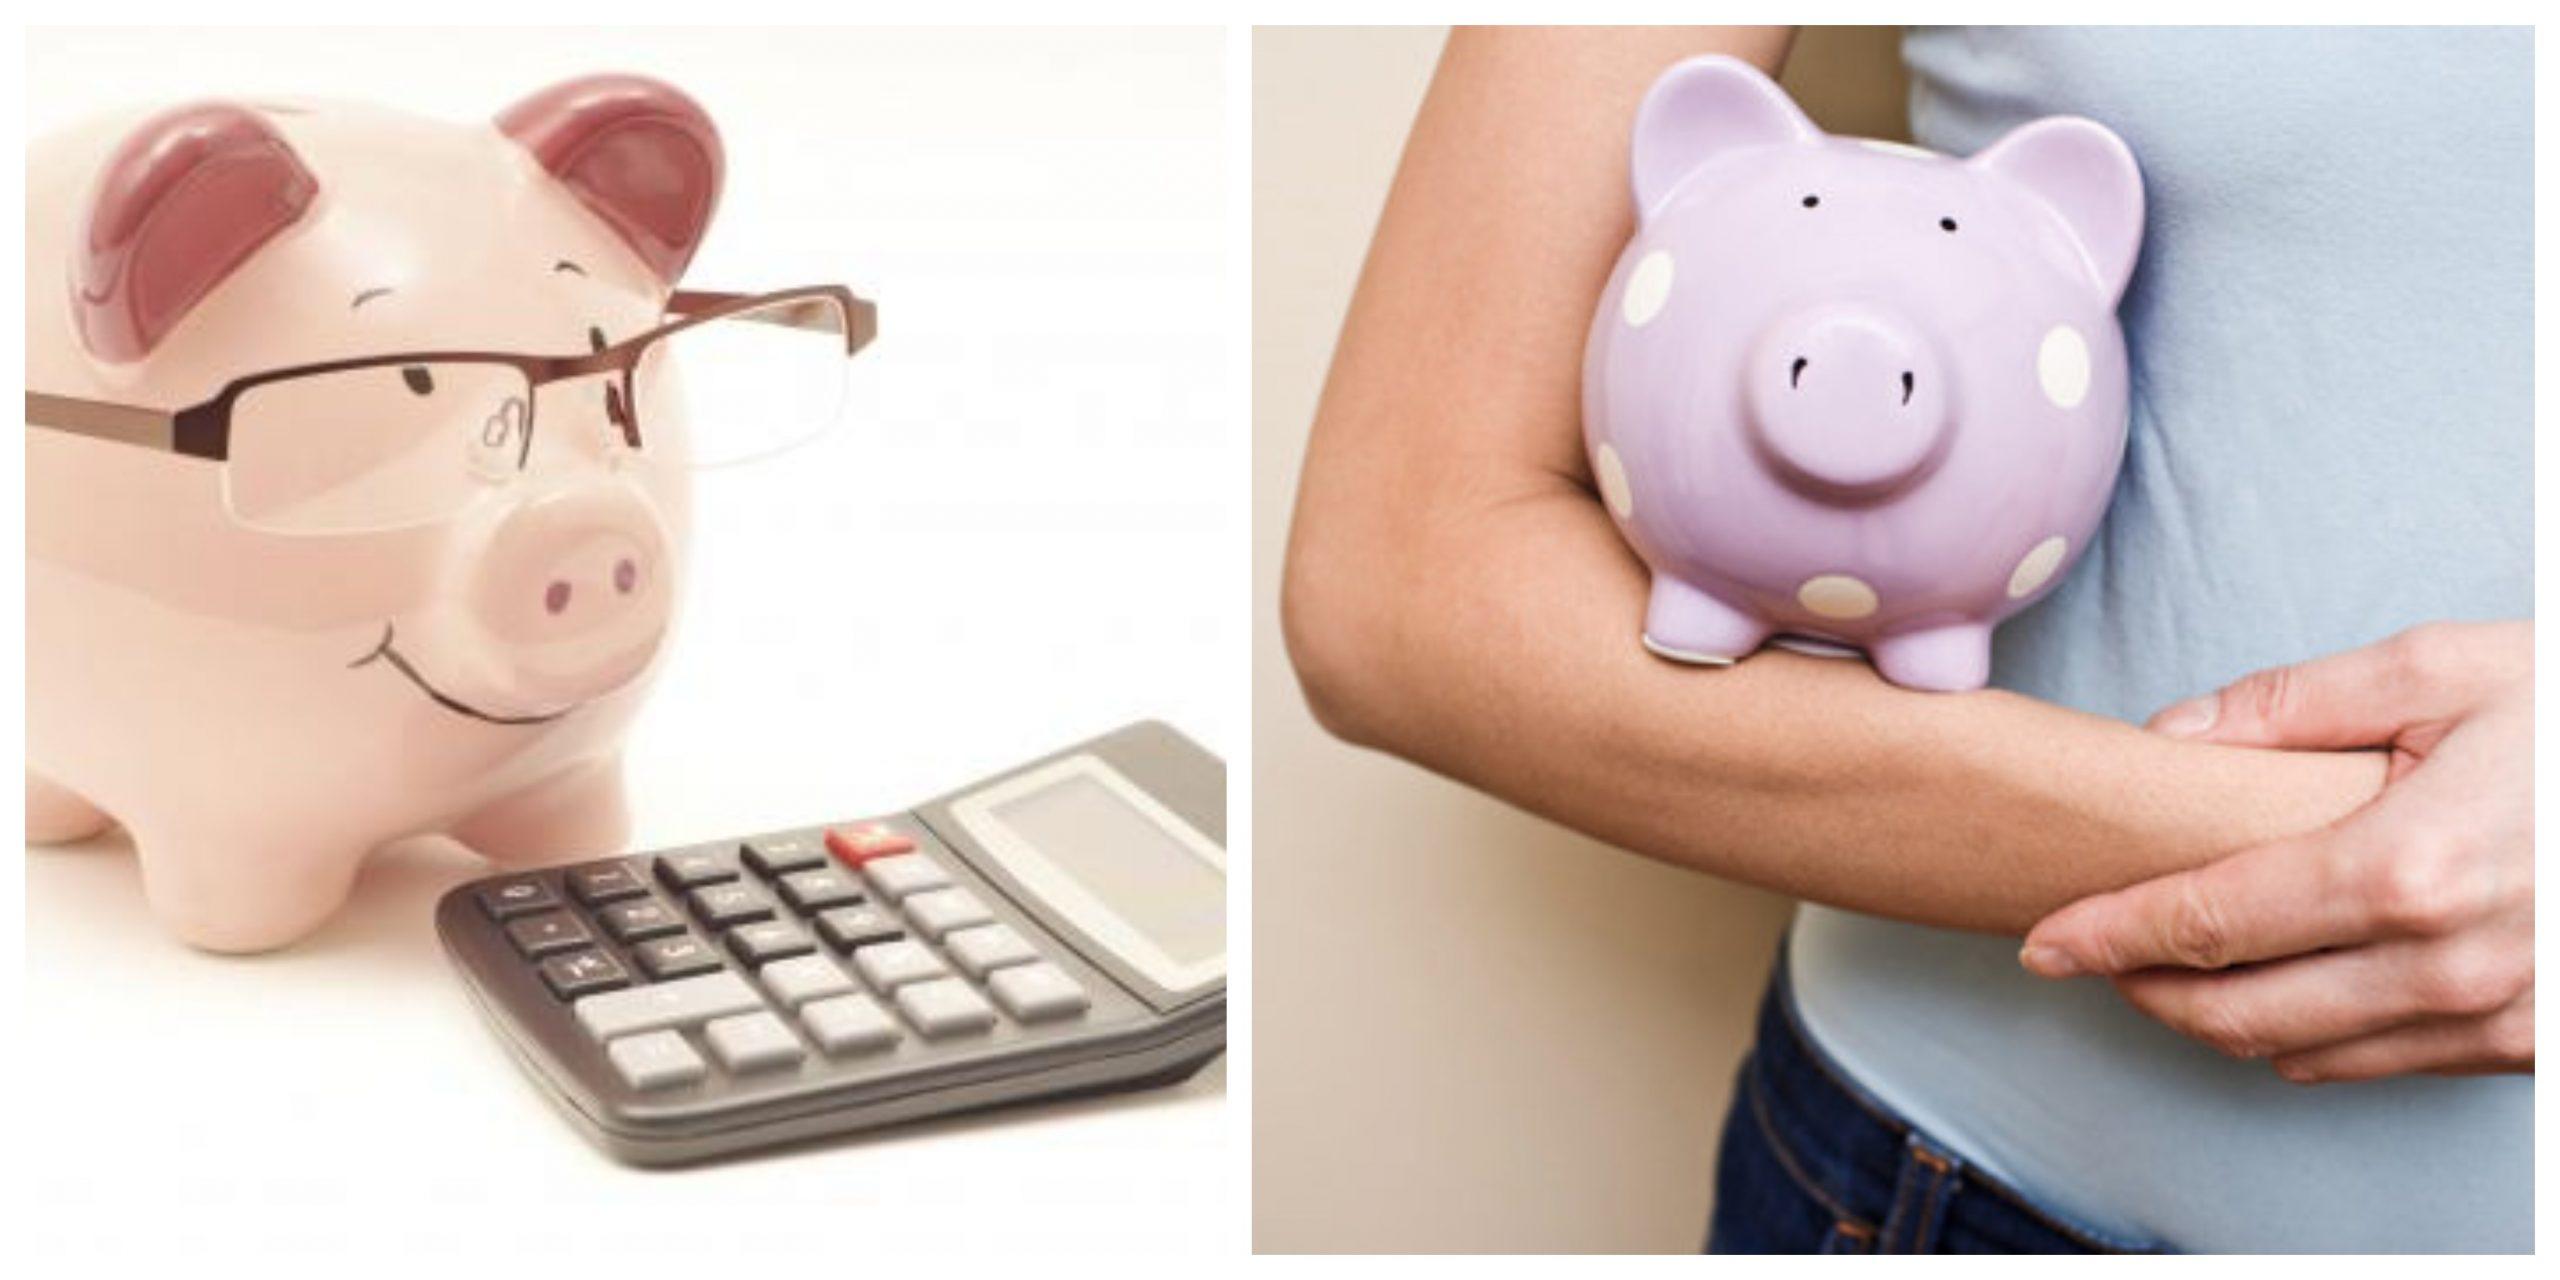 Sfaturi despre cum să economisești bani. Învață să fii mai chibzuit